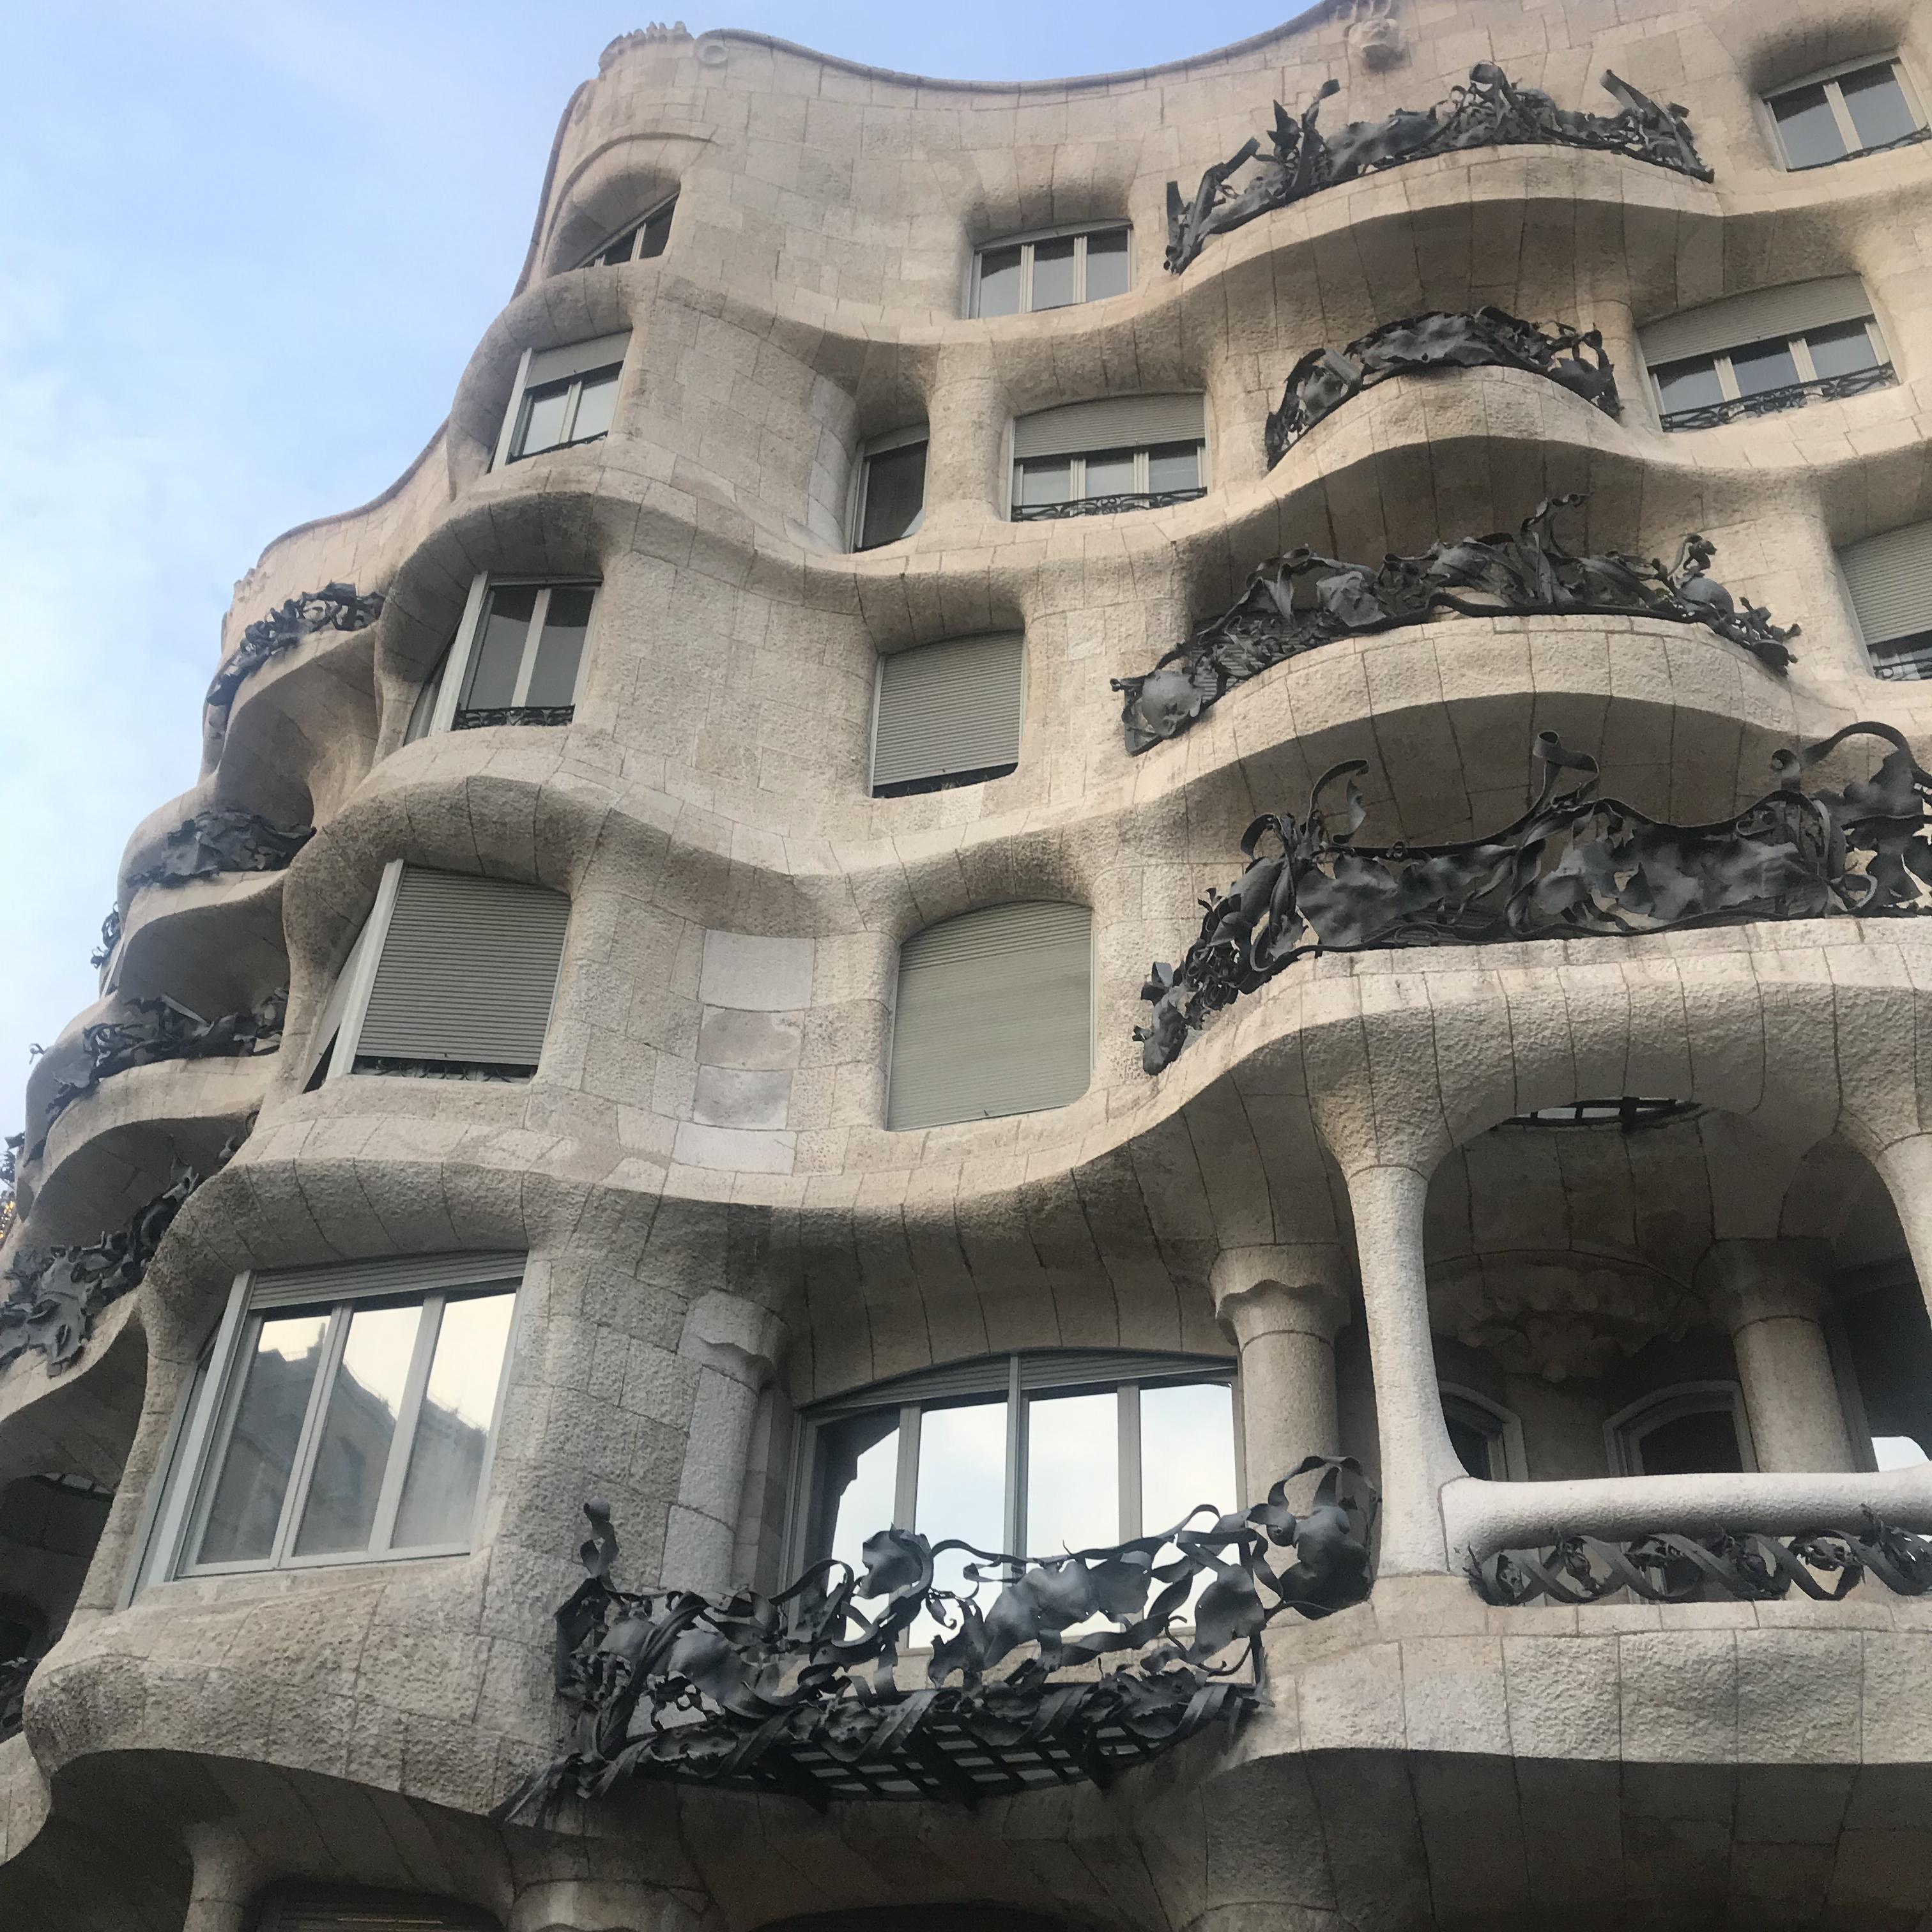 バルセロナ旅行記 カサ・ミラ